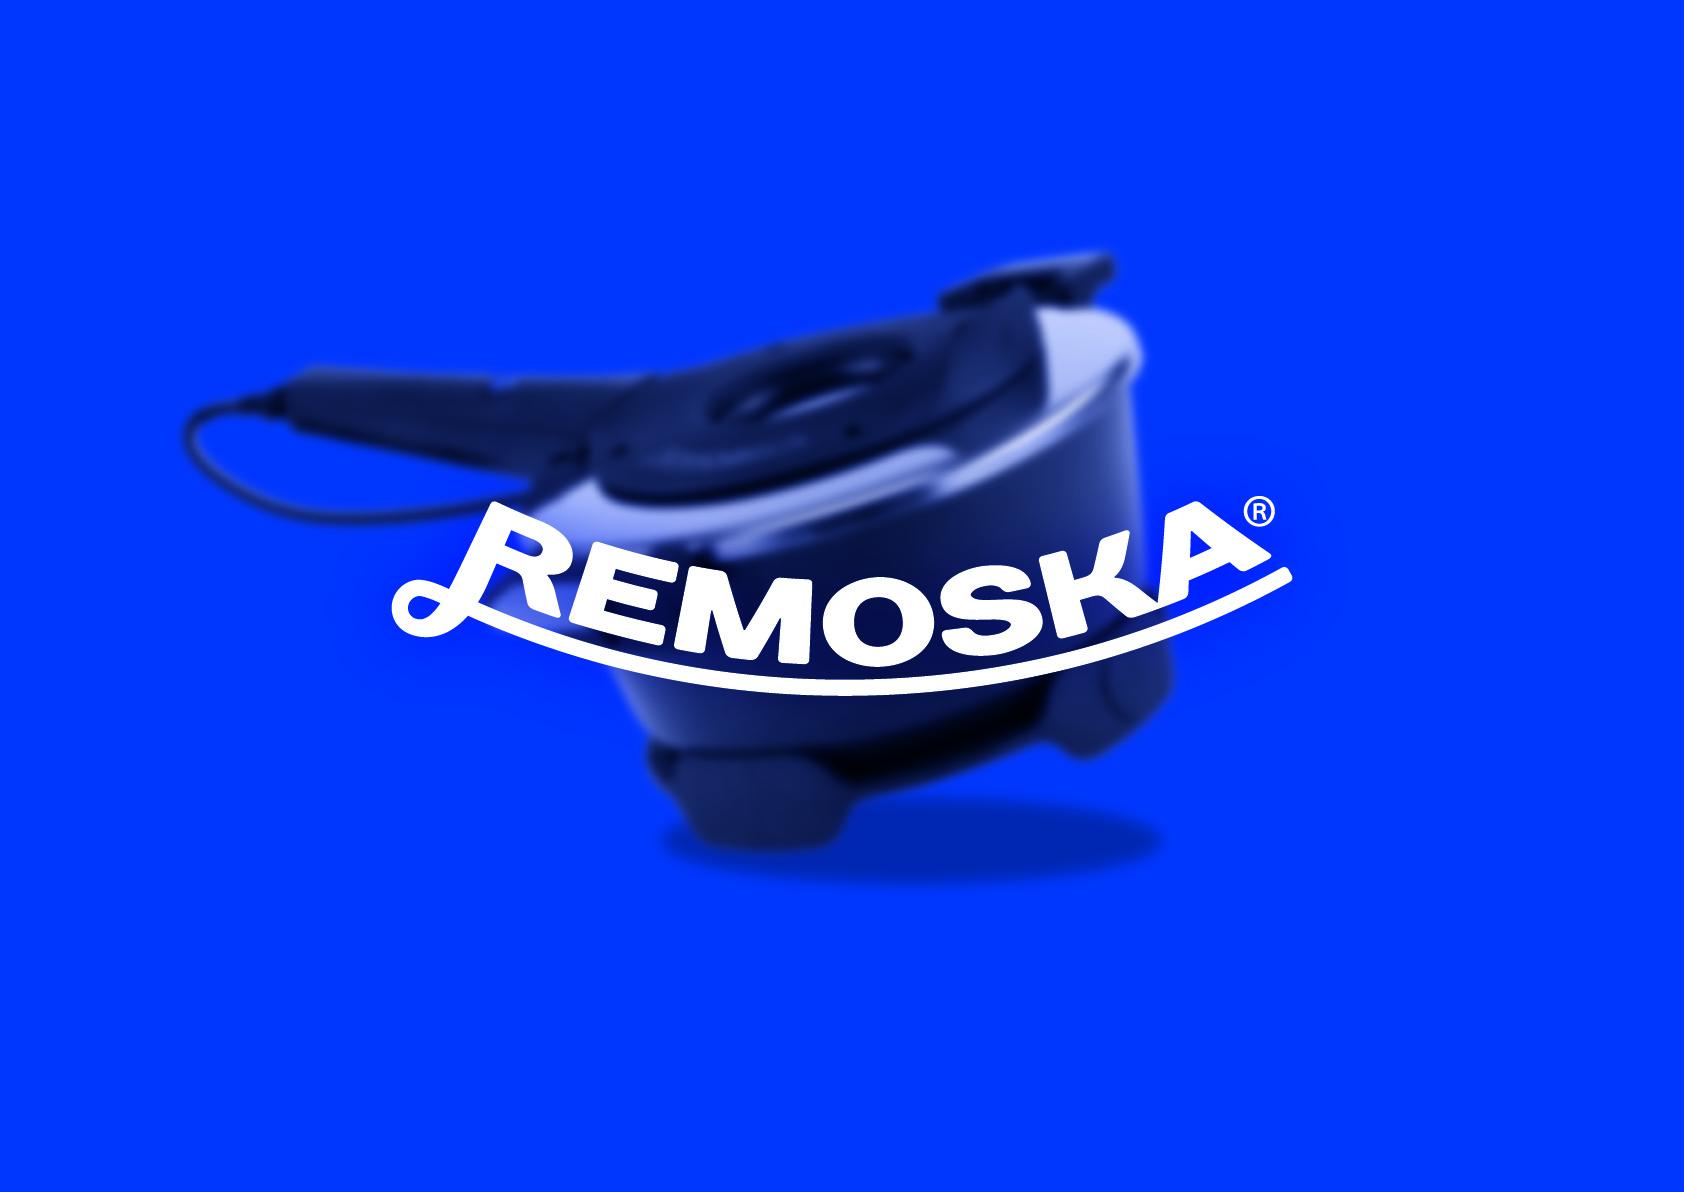 remoska_logo